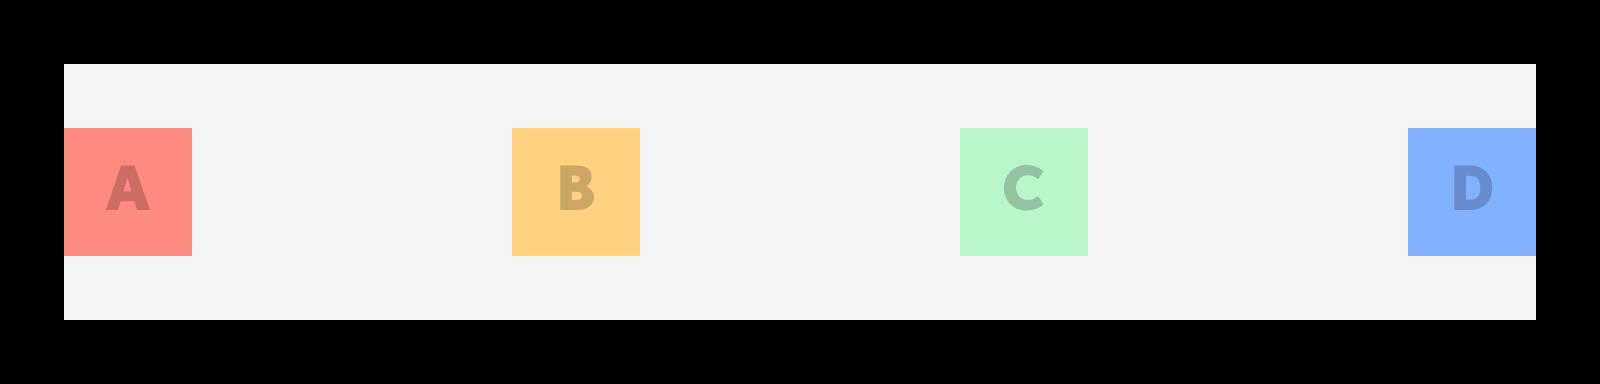 align<em>items</em>center